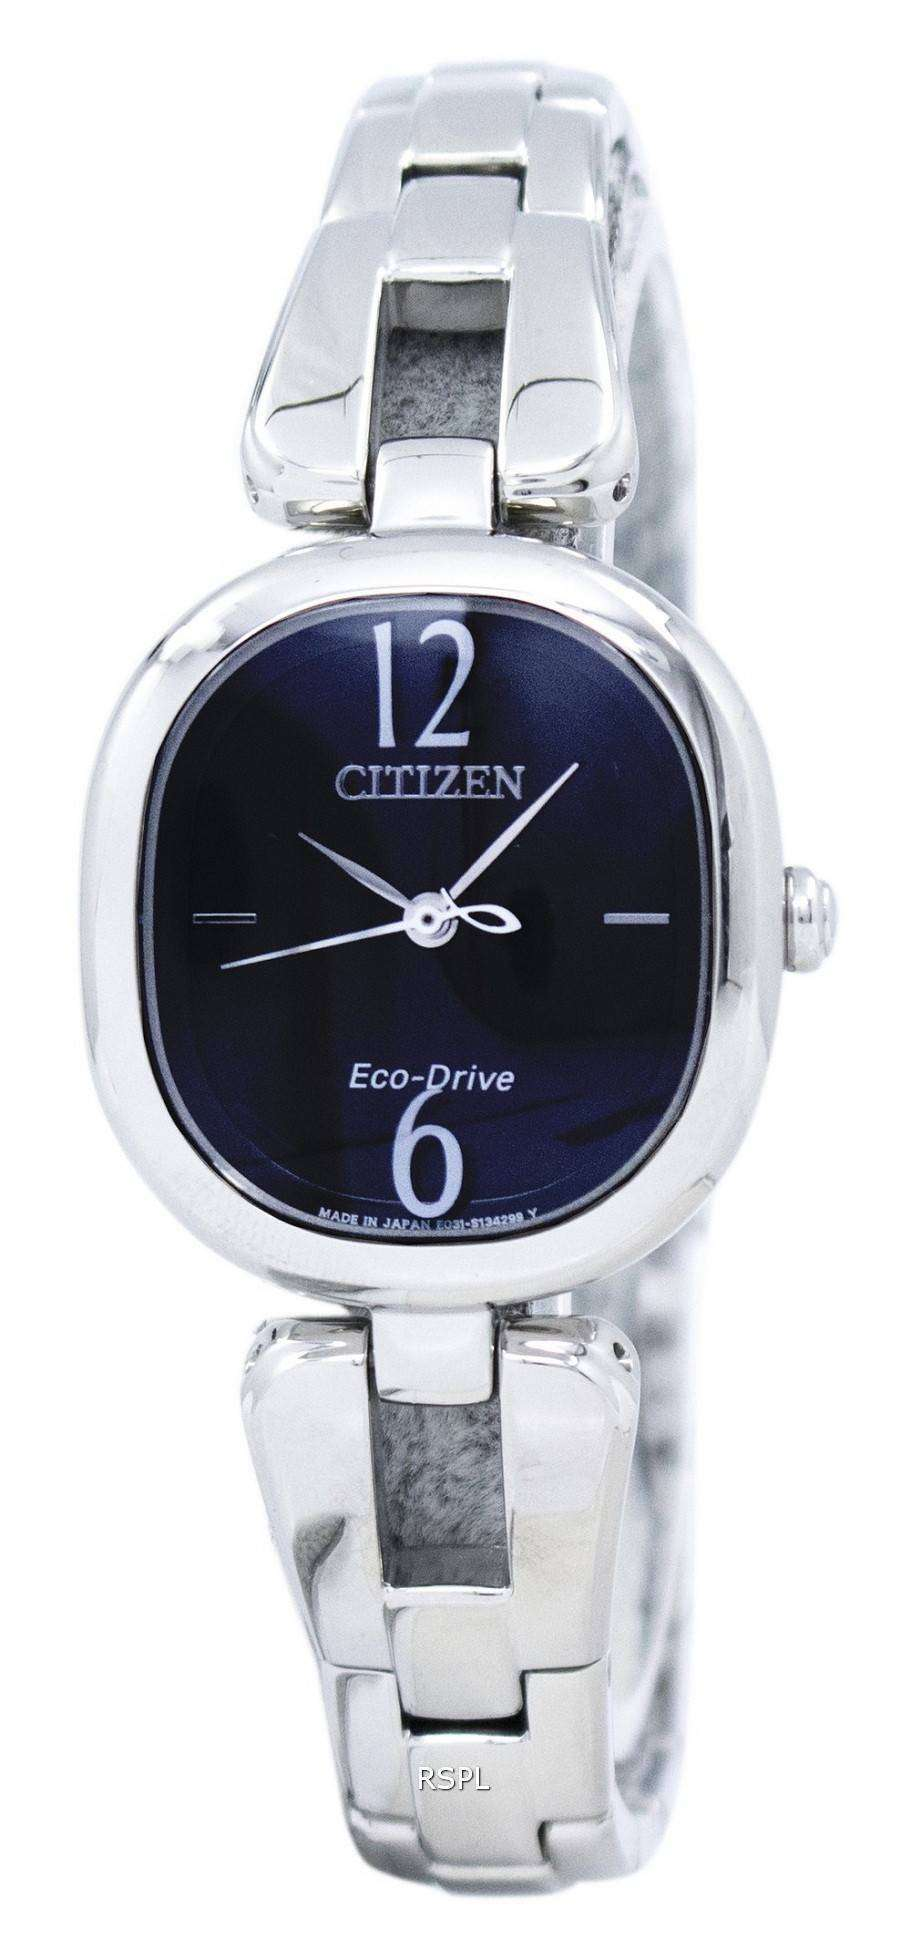 シチズンエコ ドライブ日本 EM0180 56E レディース腕時計